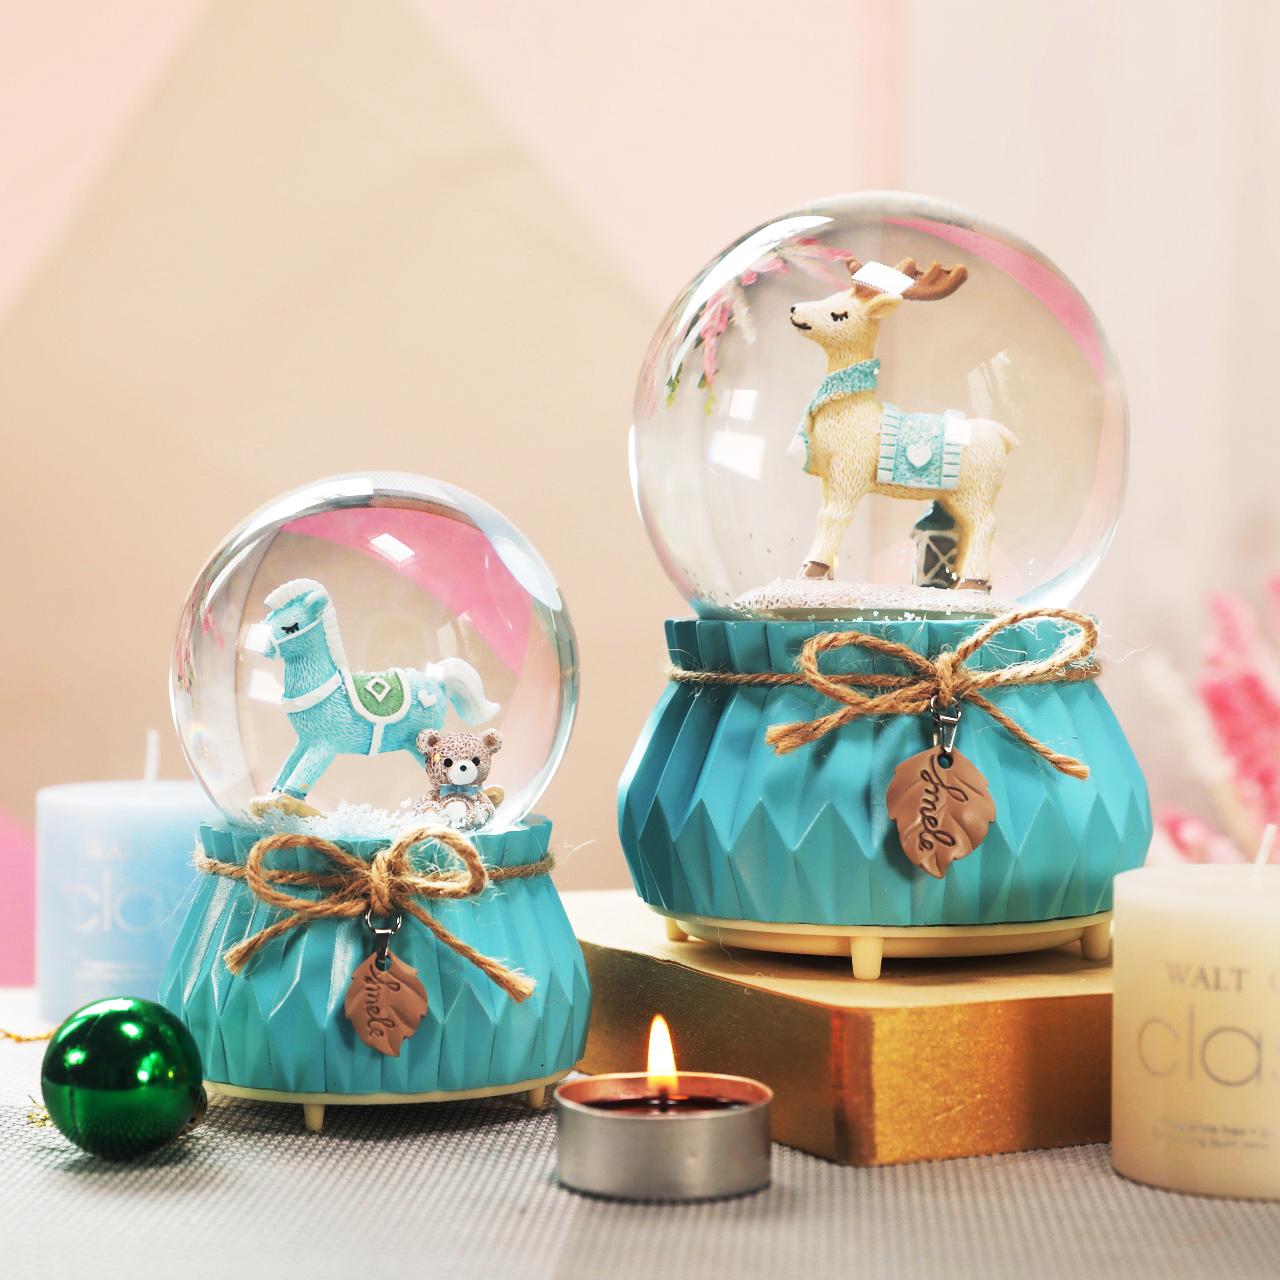 独角兽水晶球摆件八音盒可爱带雪花可发光女孩生日礼物音乐盒抖音